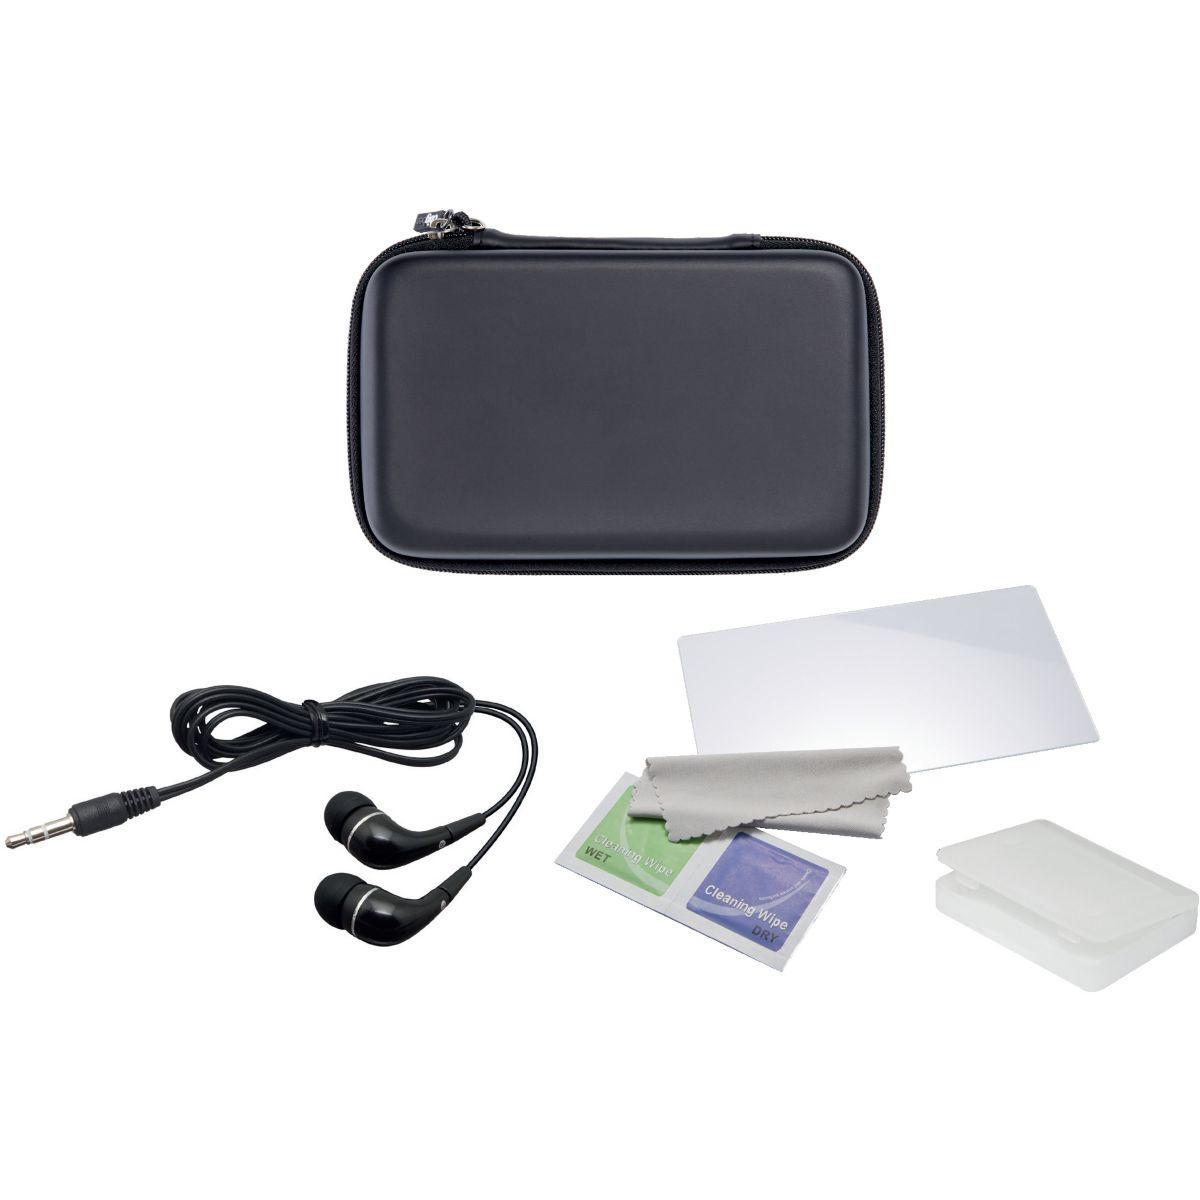 Acc. bigben pack d'accessoires console s (photo)